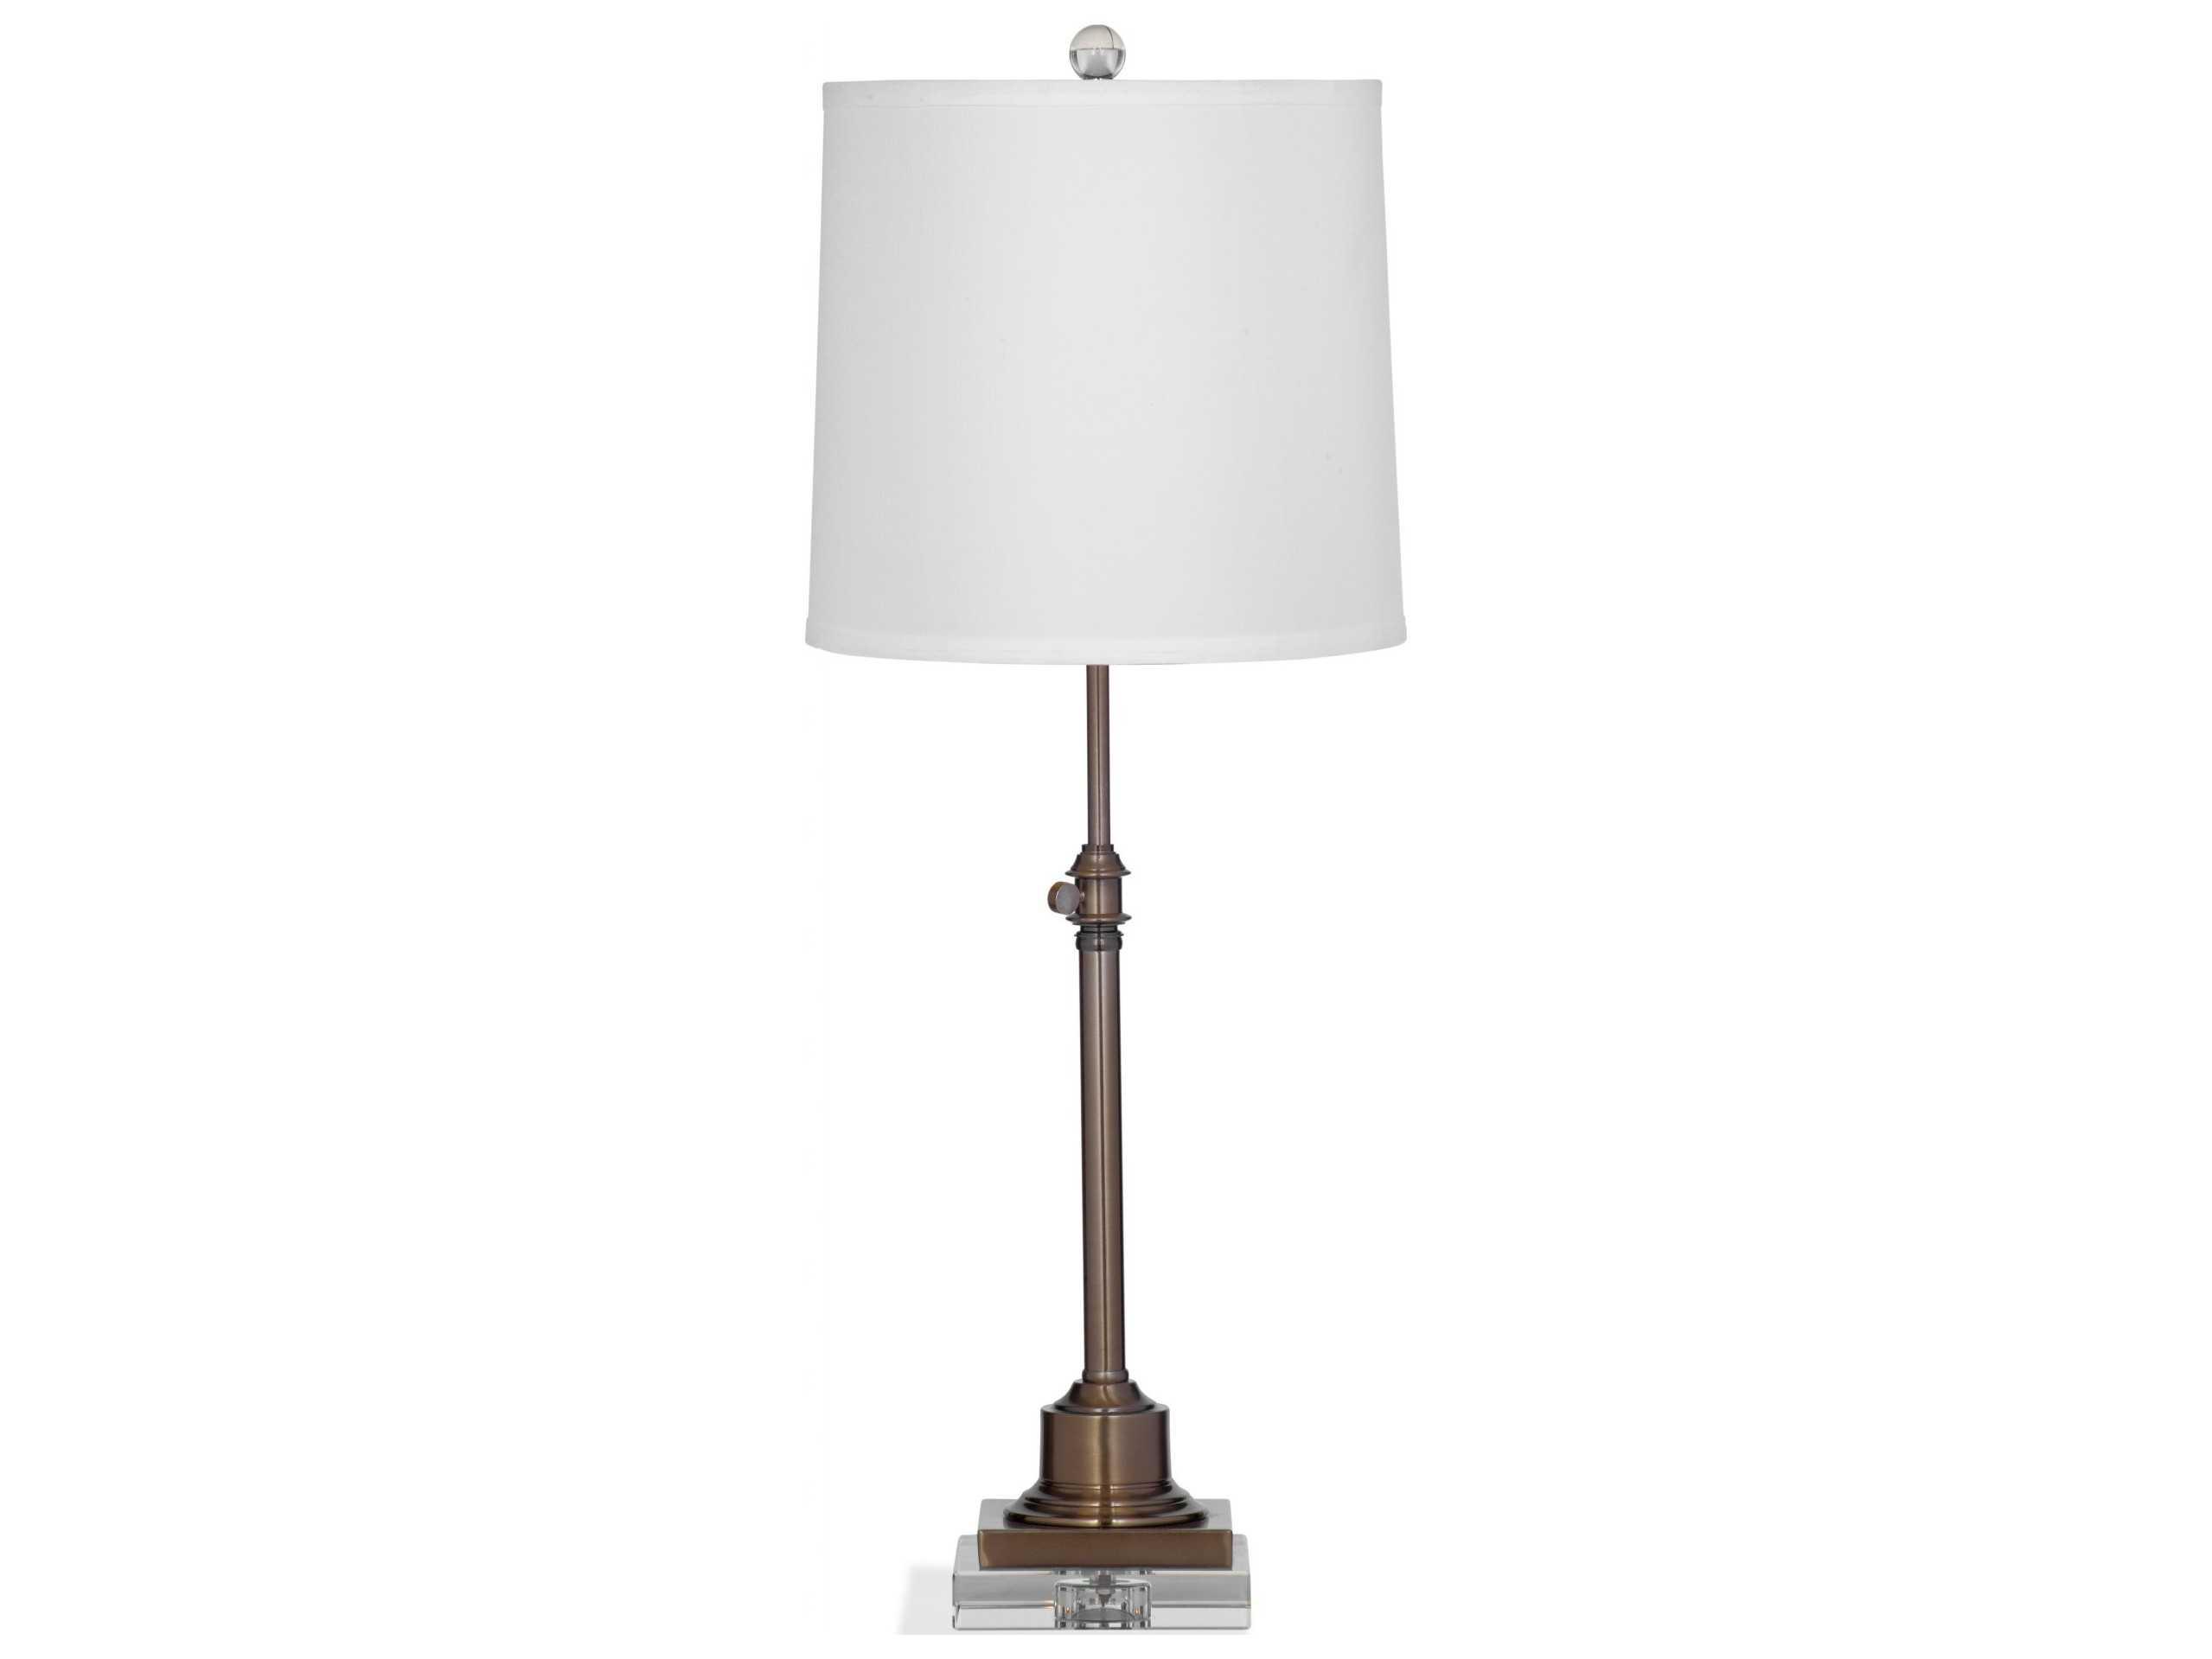 Bassett Mirror Old World Ingram Table Lamp